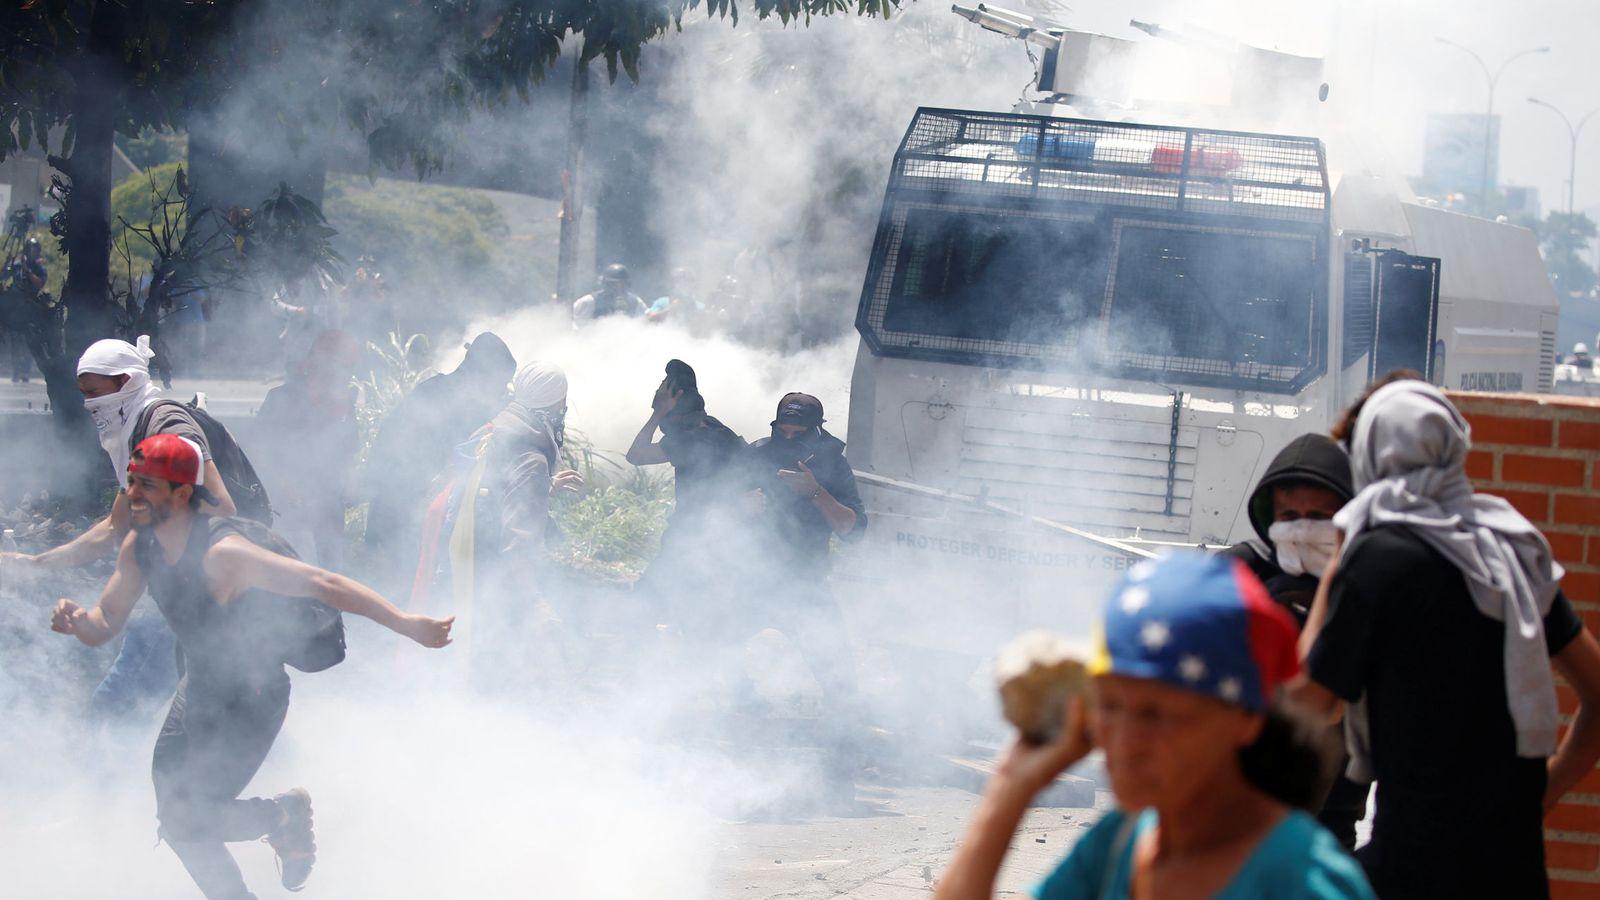 Foto: Manifestantes opositores se enfrentan a la policía en mitad de los gases lacrimógenos en Caracas, el 6 de abril de 2017. (Reuters)